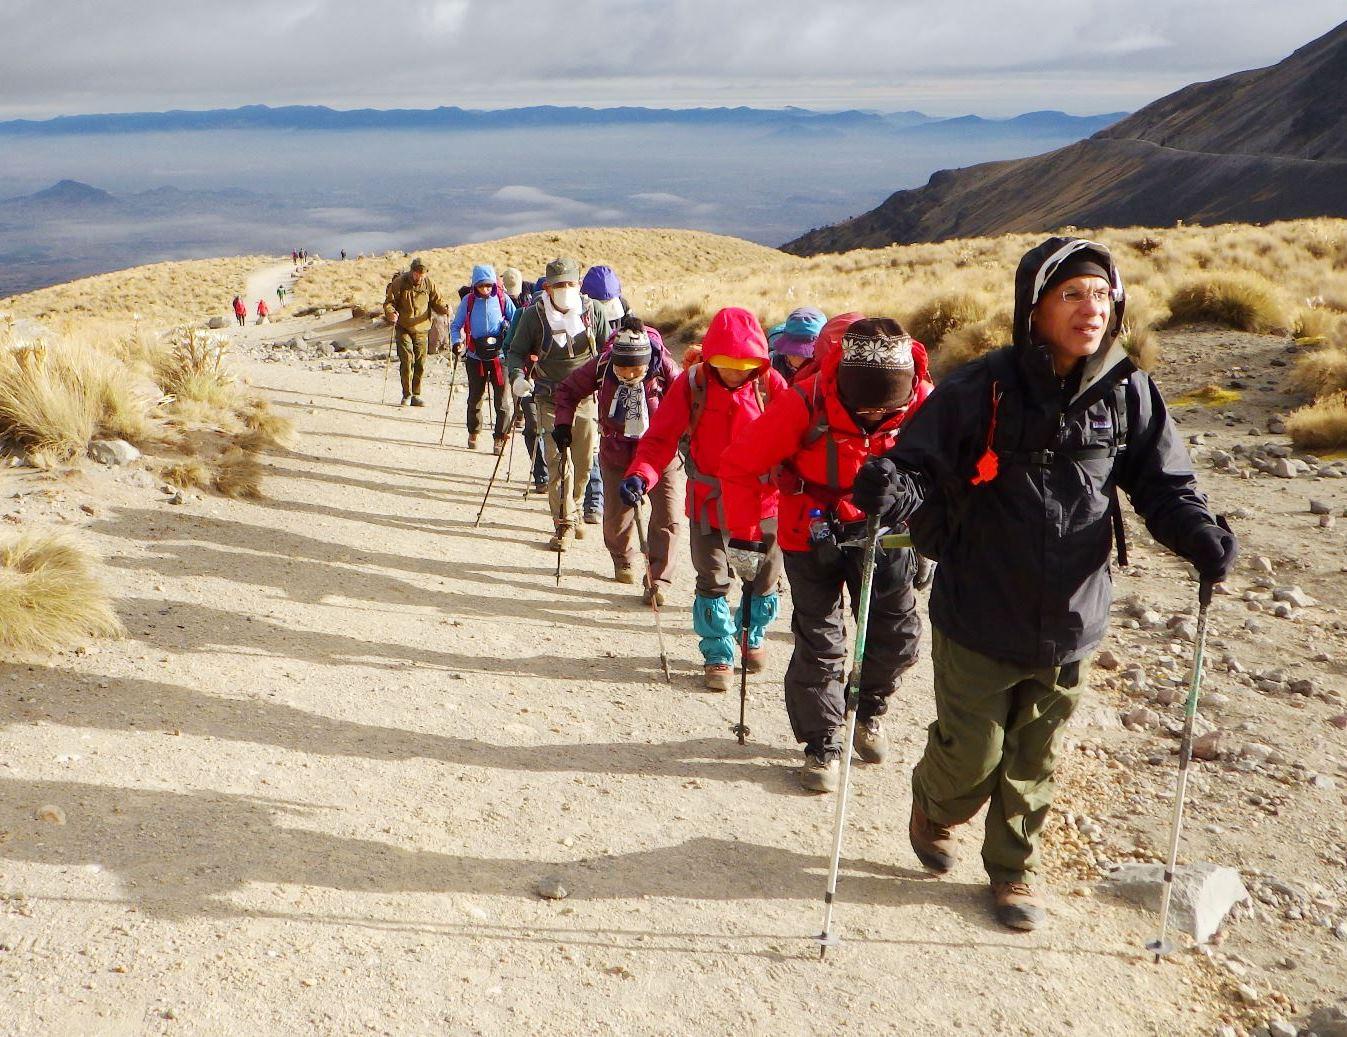 12月6日出発「メキシコ4,000m峰トルーカ山登頂と3つの古代文明遺跡巡りとカンクン 10日間」